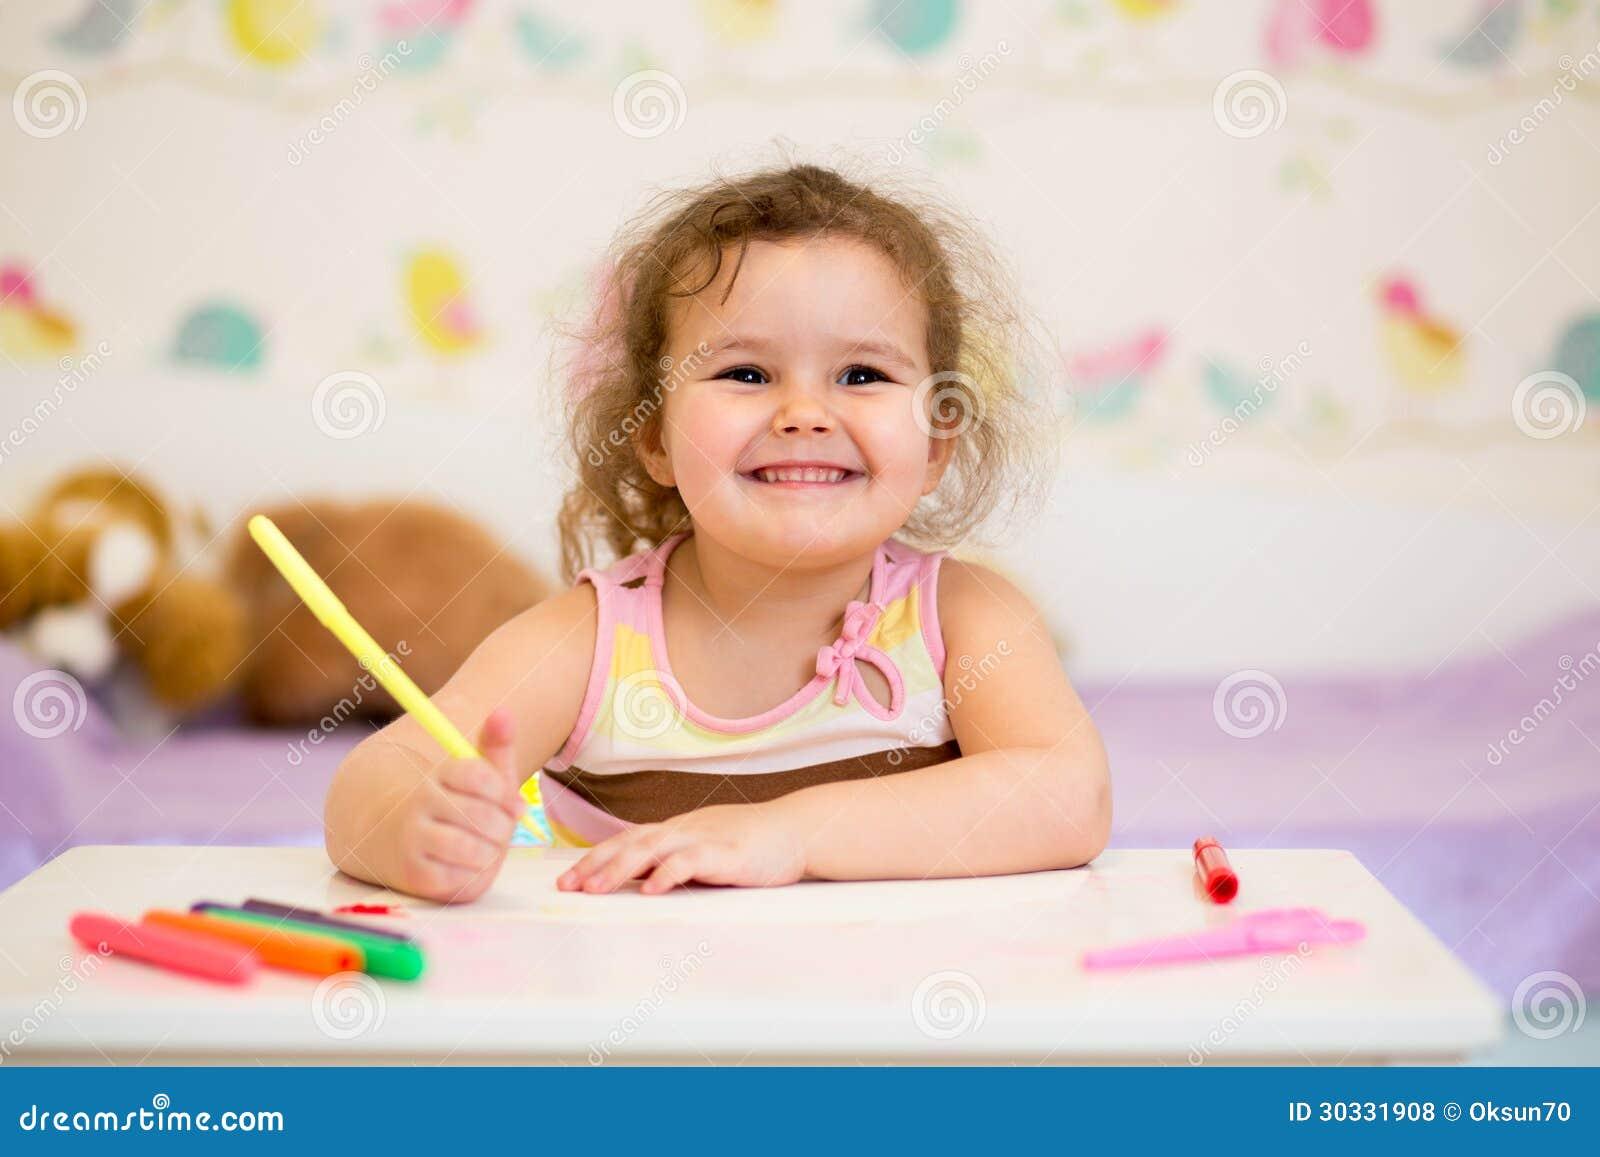 与毡尖的笔的微笑的儿童图画